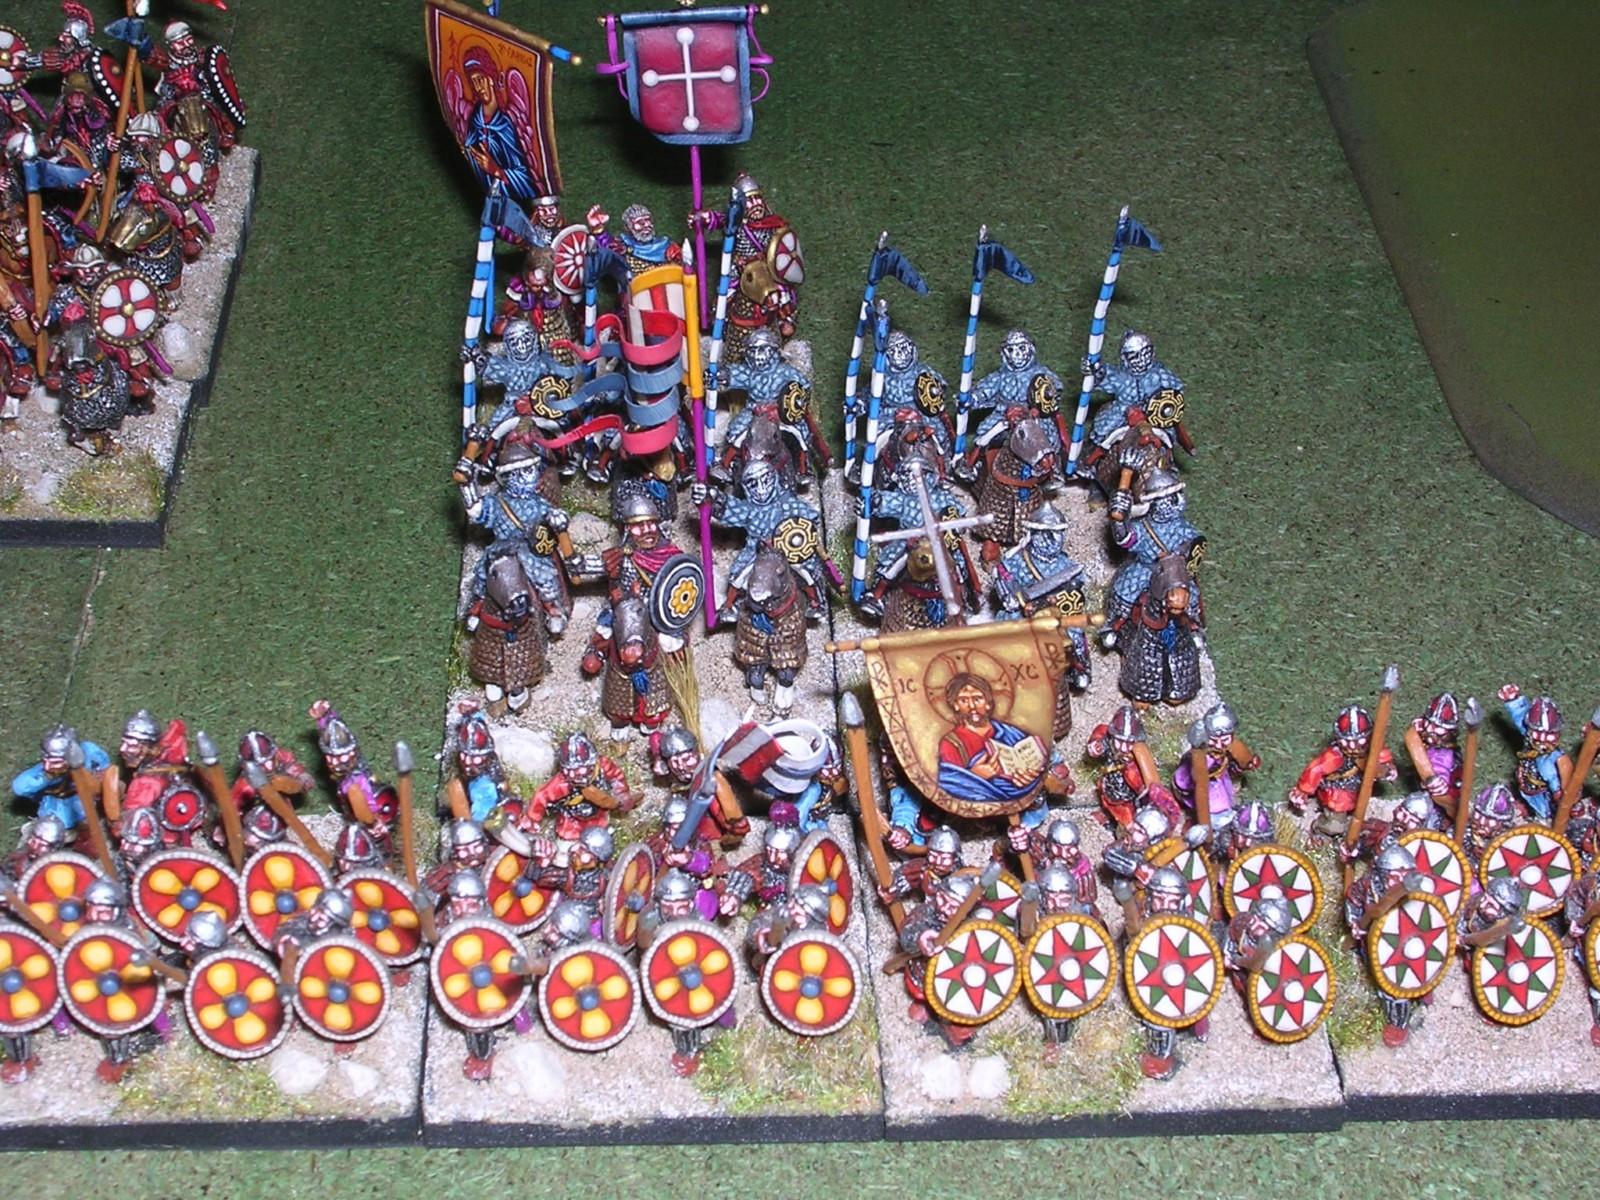 [Liens] Croisades: armées d'autres joueurs - Page 2 DSCN0736%20%5B1600x1200%5D